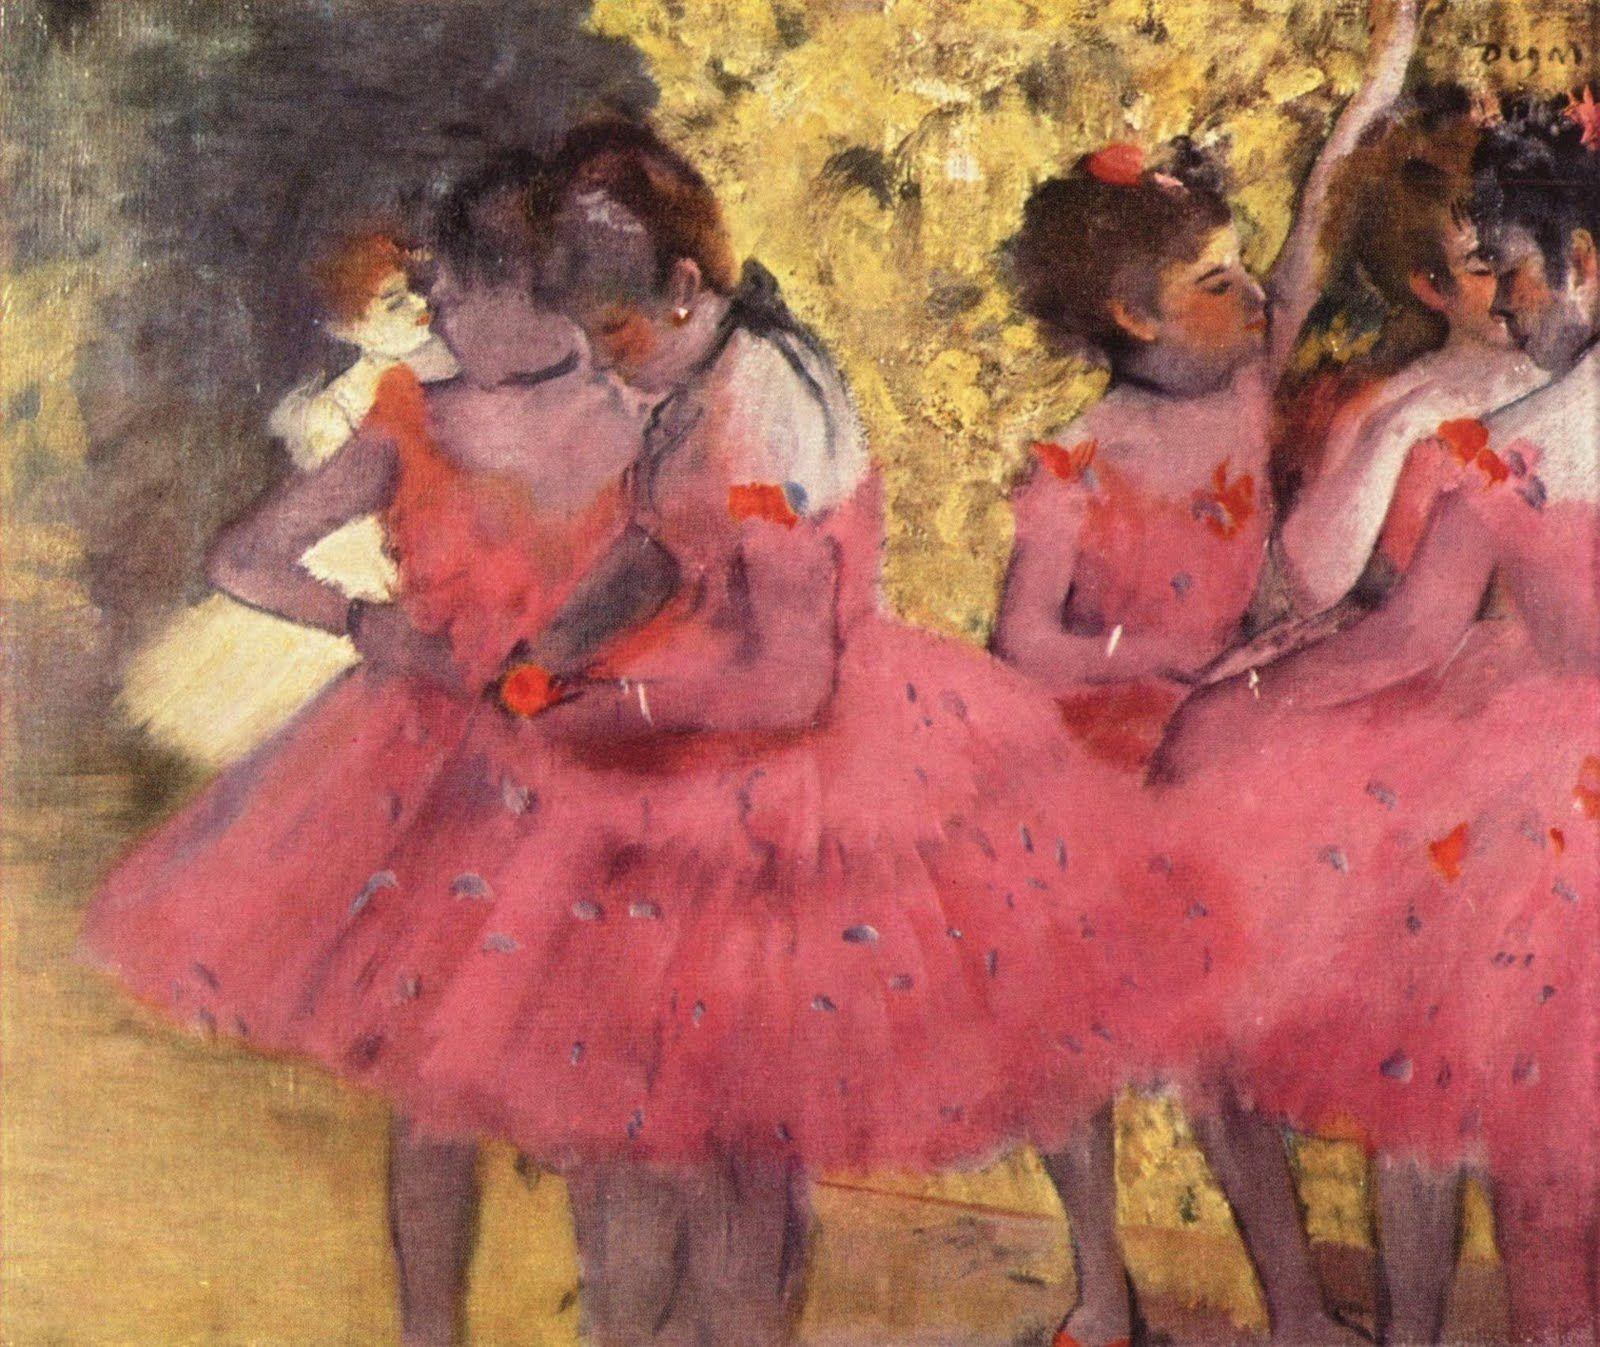 Edgar Degas Tänzerinnen In Rosa Zwischen Den Kulissen 1884 Oil On Canvas 38 X 44 Cm Ny Carlsberg Glyptotek Kopenhagen Impressionismus Kunst Kunststile